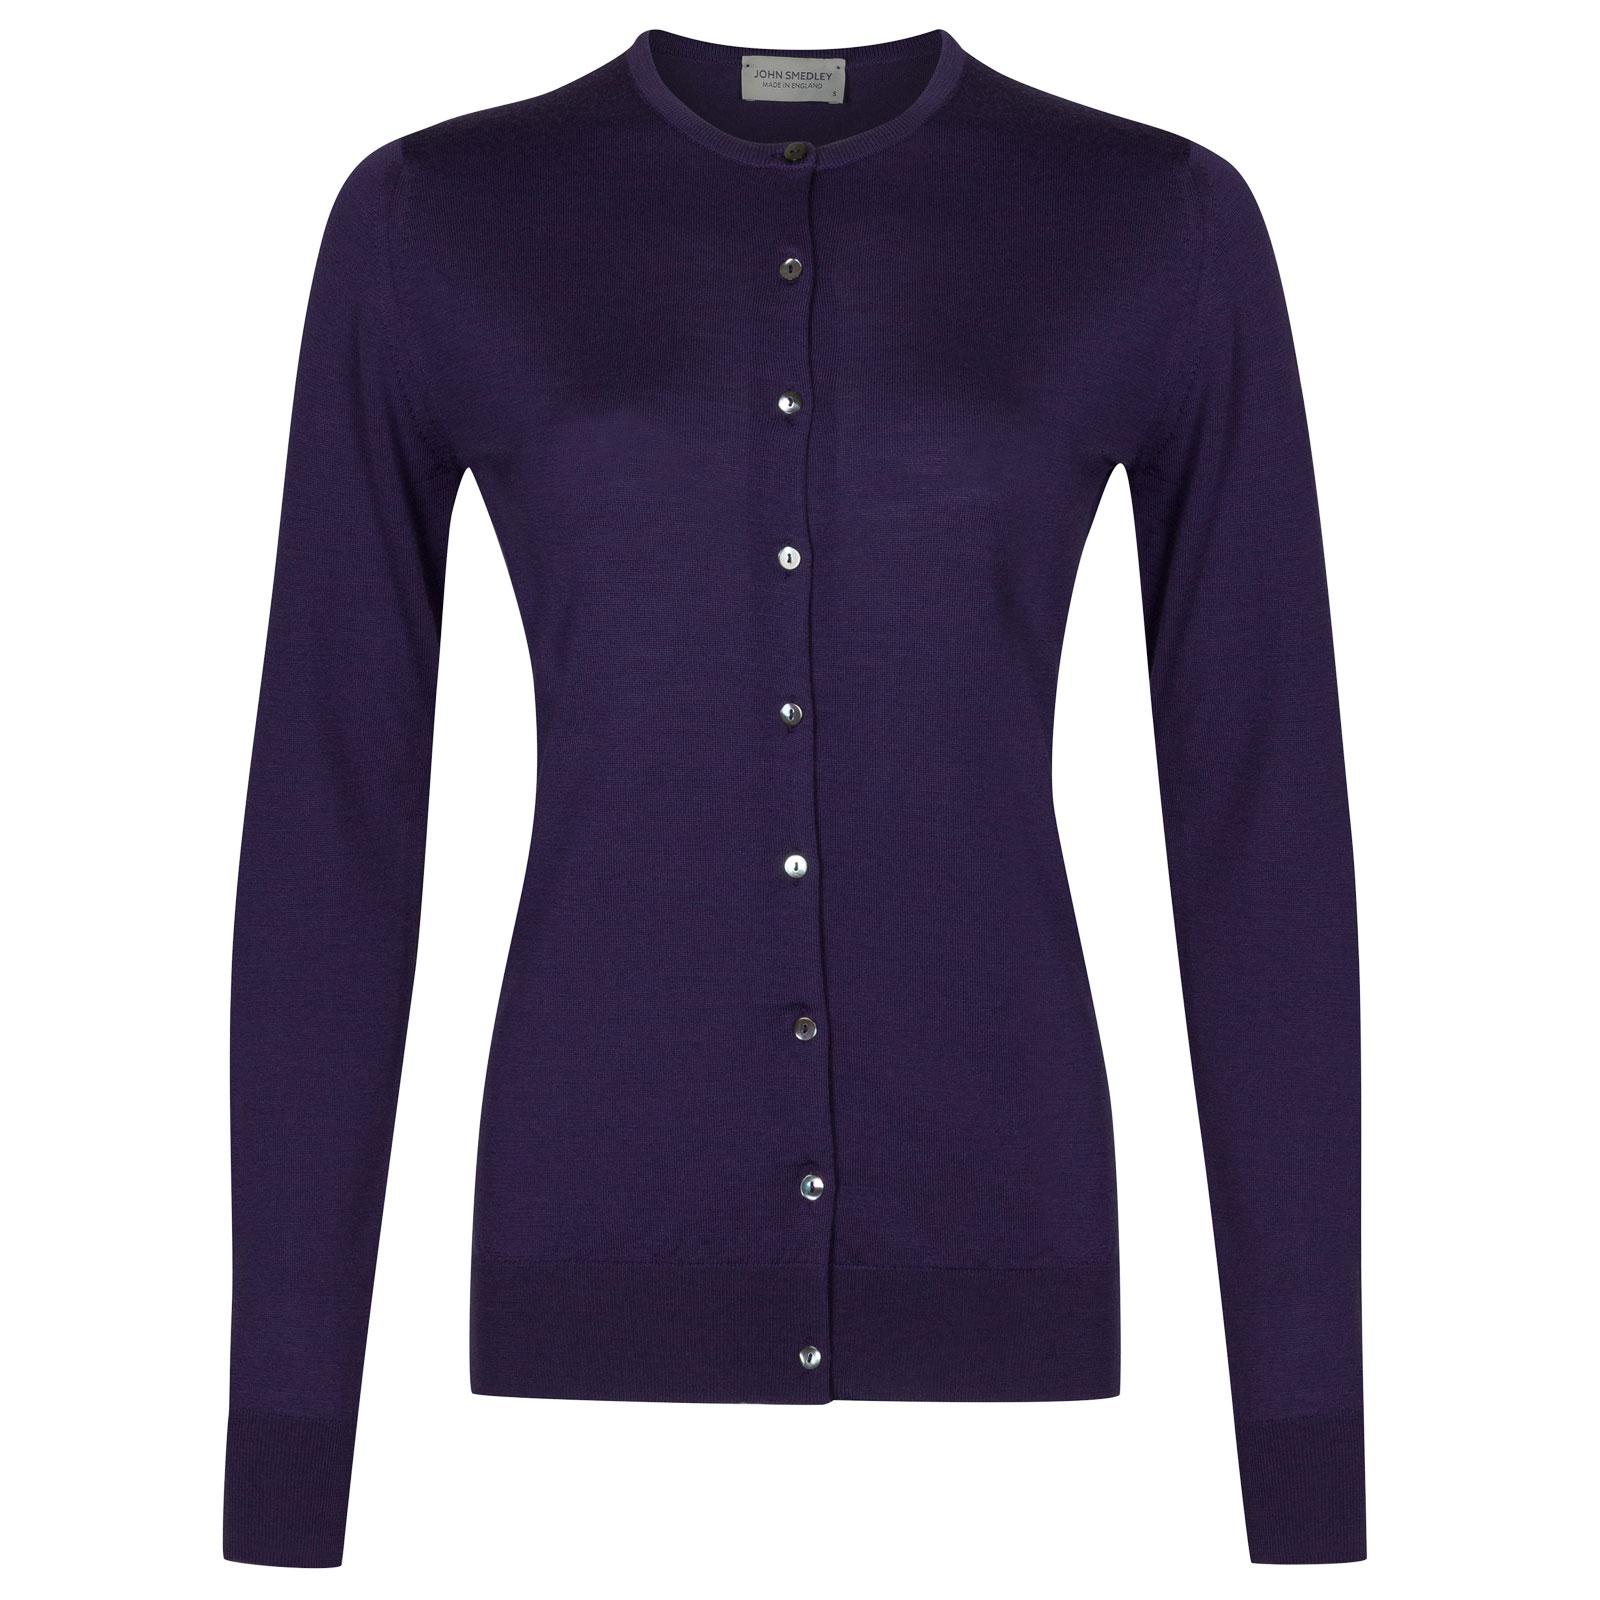 John Smedley buttercup Merino Wool Cardigan in Elderberry Purple-S